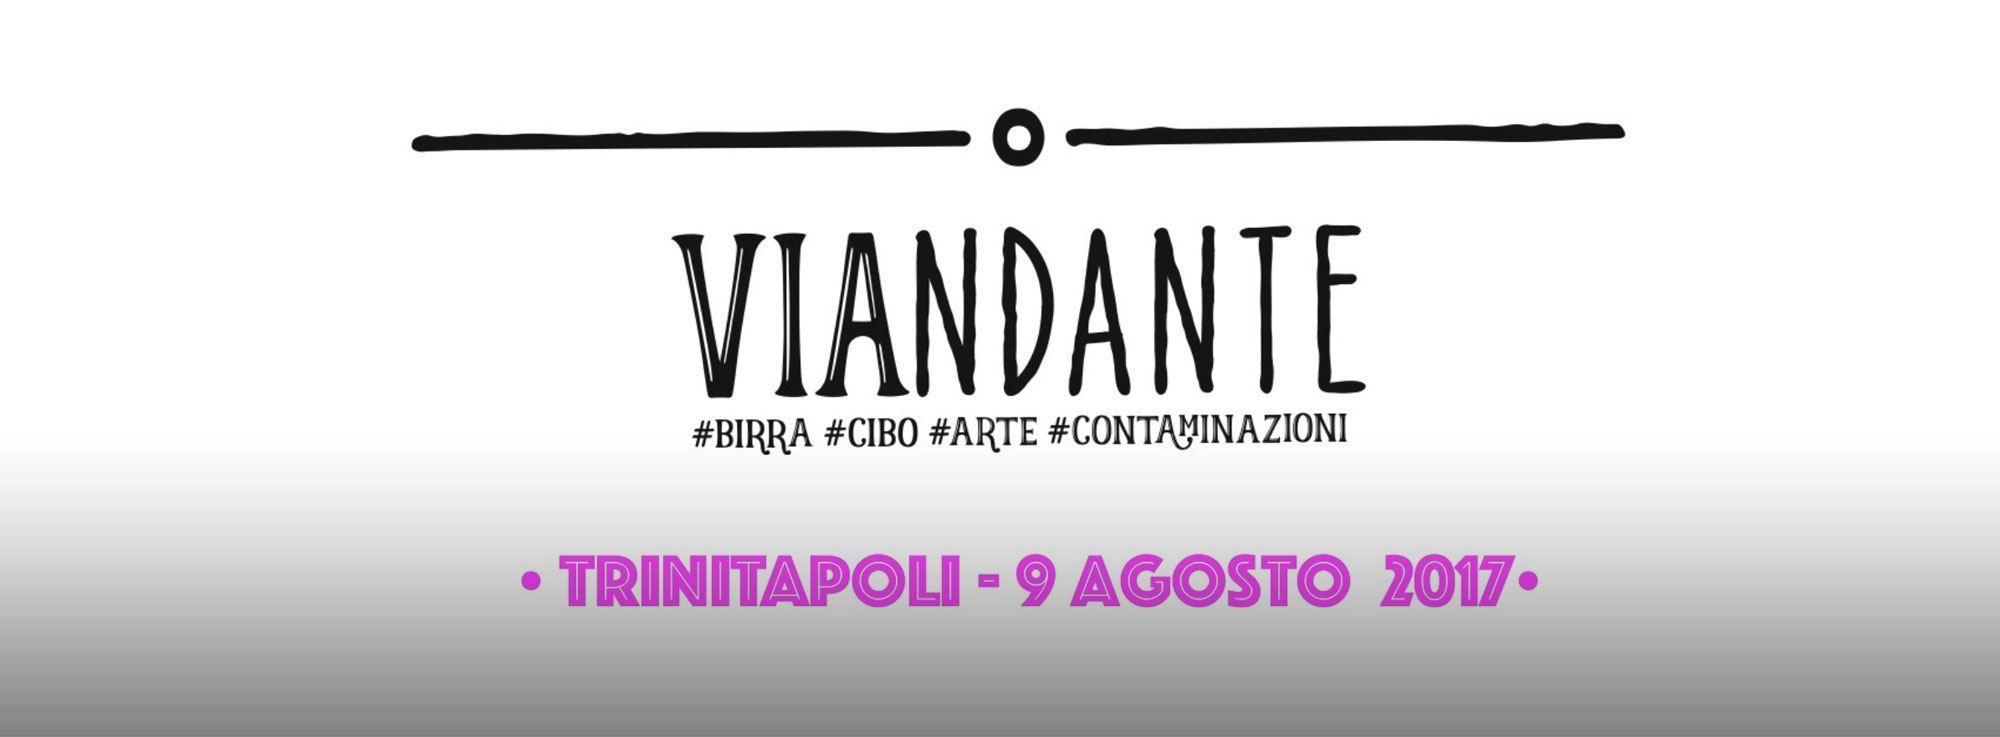 Trinitapoli: Viandante